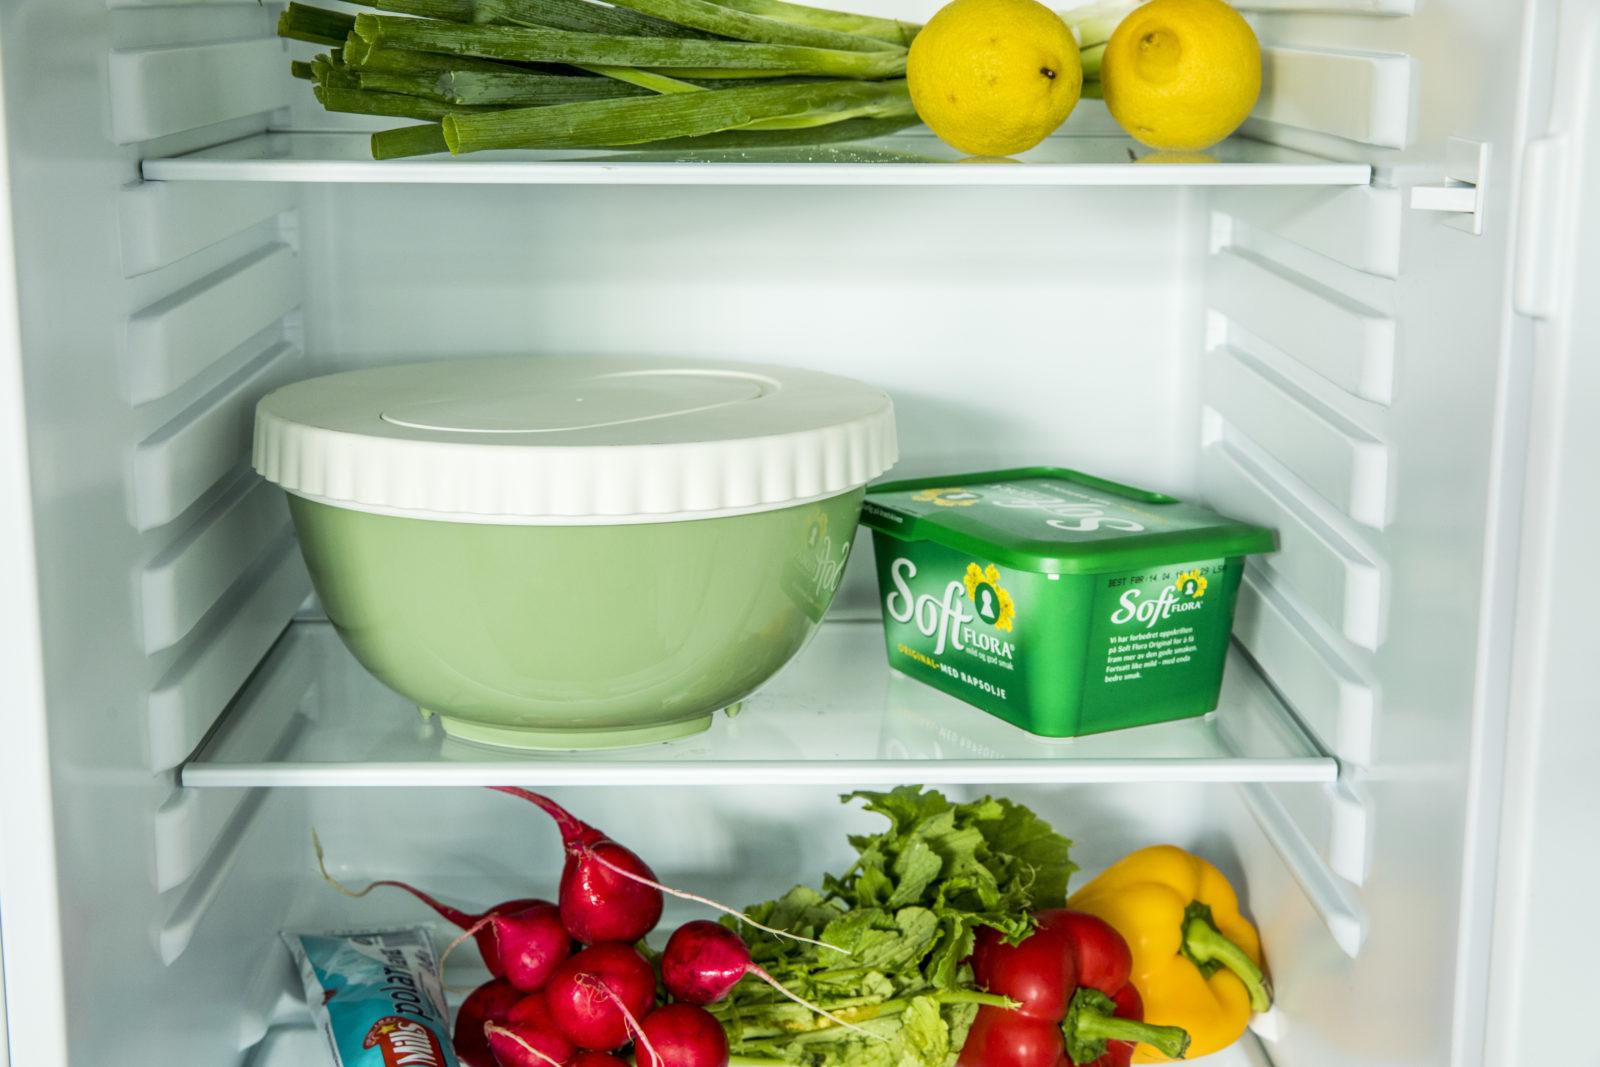 Deig til eltefrie rundstykker i lukket bolle i kjøleskap